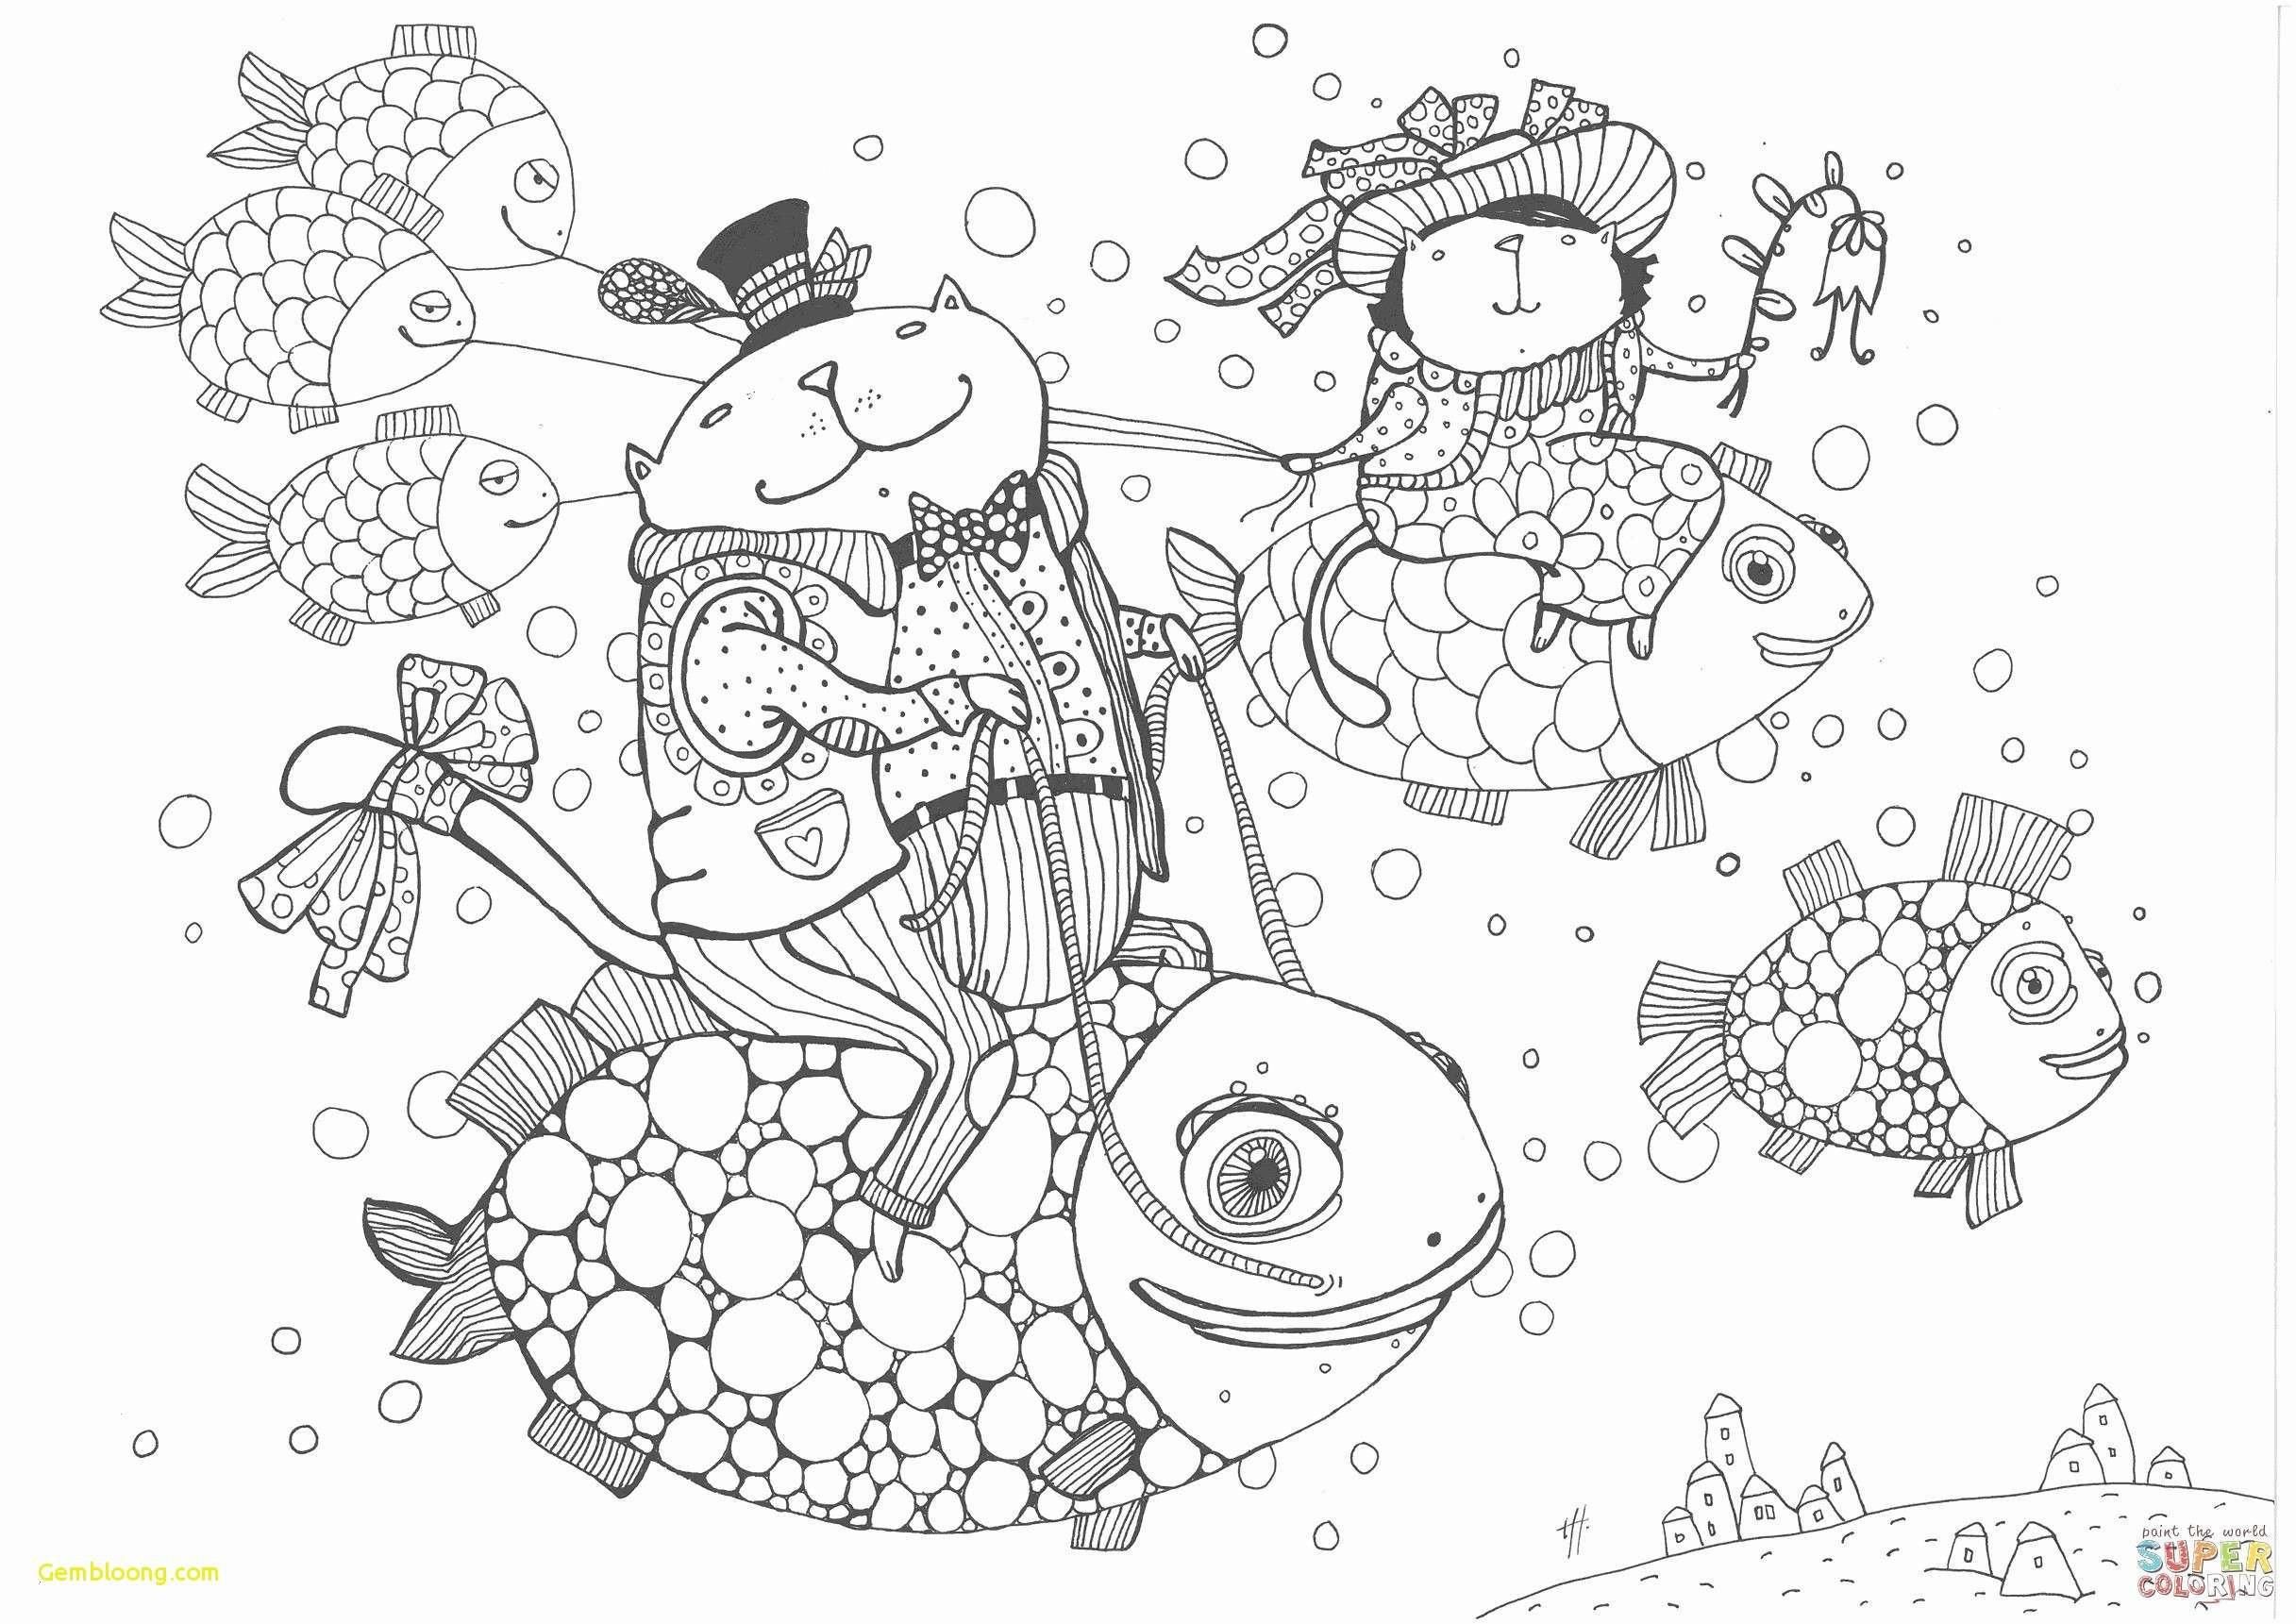 Ausmalbilder Minnie Maus Neu Ausmalbilder Tweety Elegant Malvorlagen Minnie Mouse Frisch Fotos